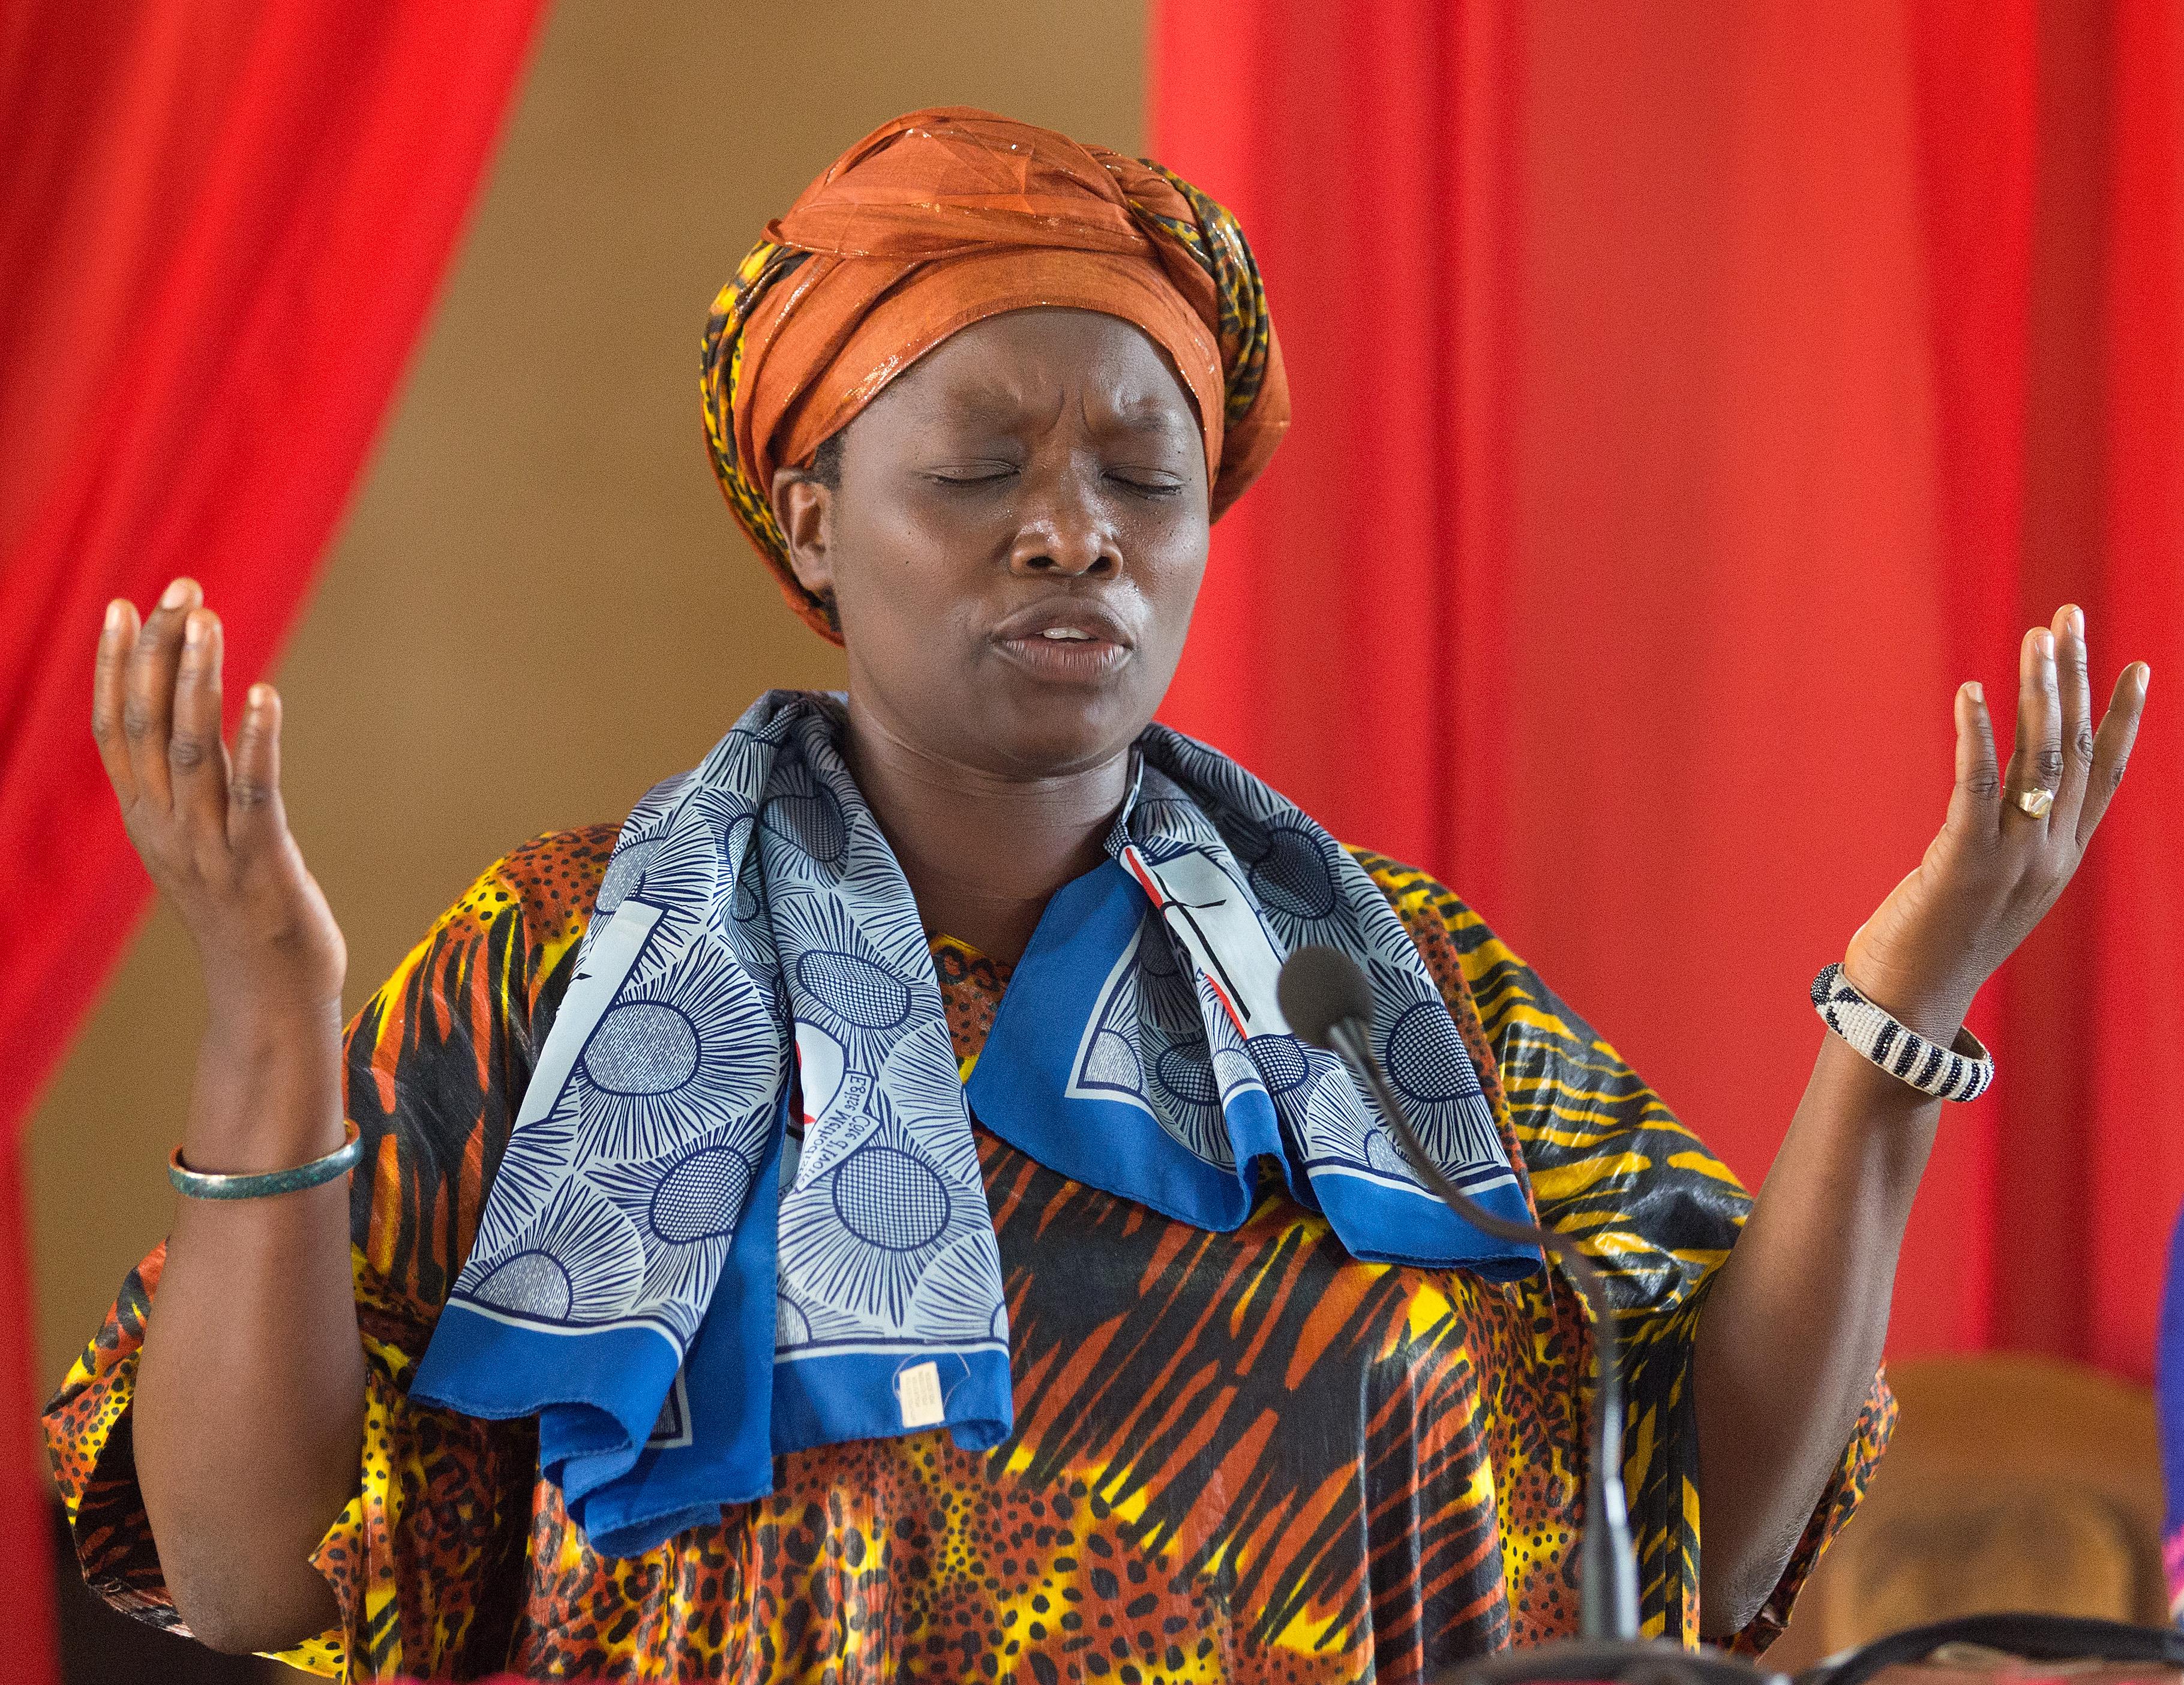 Photo de Mike DuBose, UMNS La Révérende Esther Kachiko Furaha en prière pendant un culte à l'Église Méthodiste Unie Nouvelle Jerusalem d'Uvira (République Démocratique du Congo).